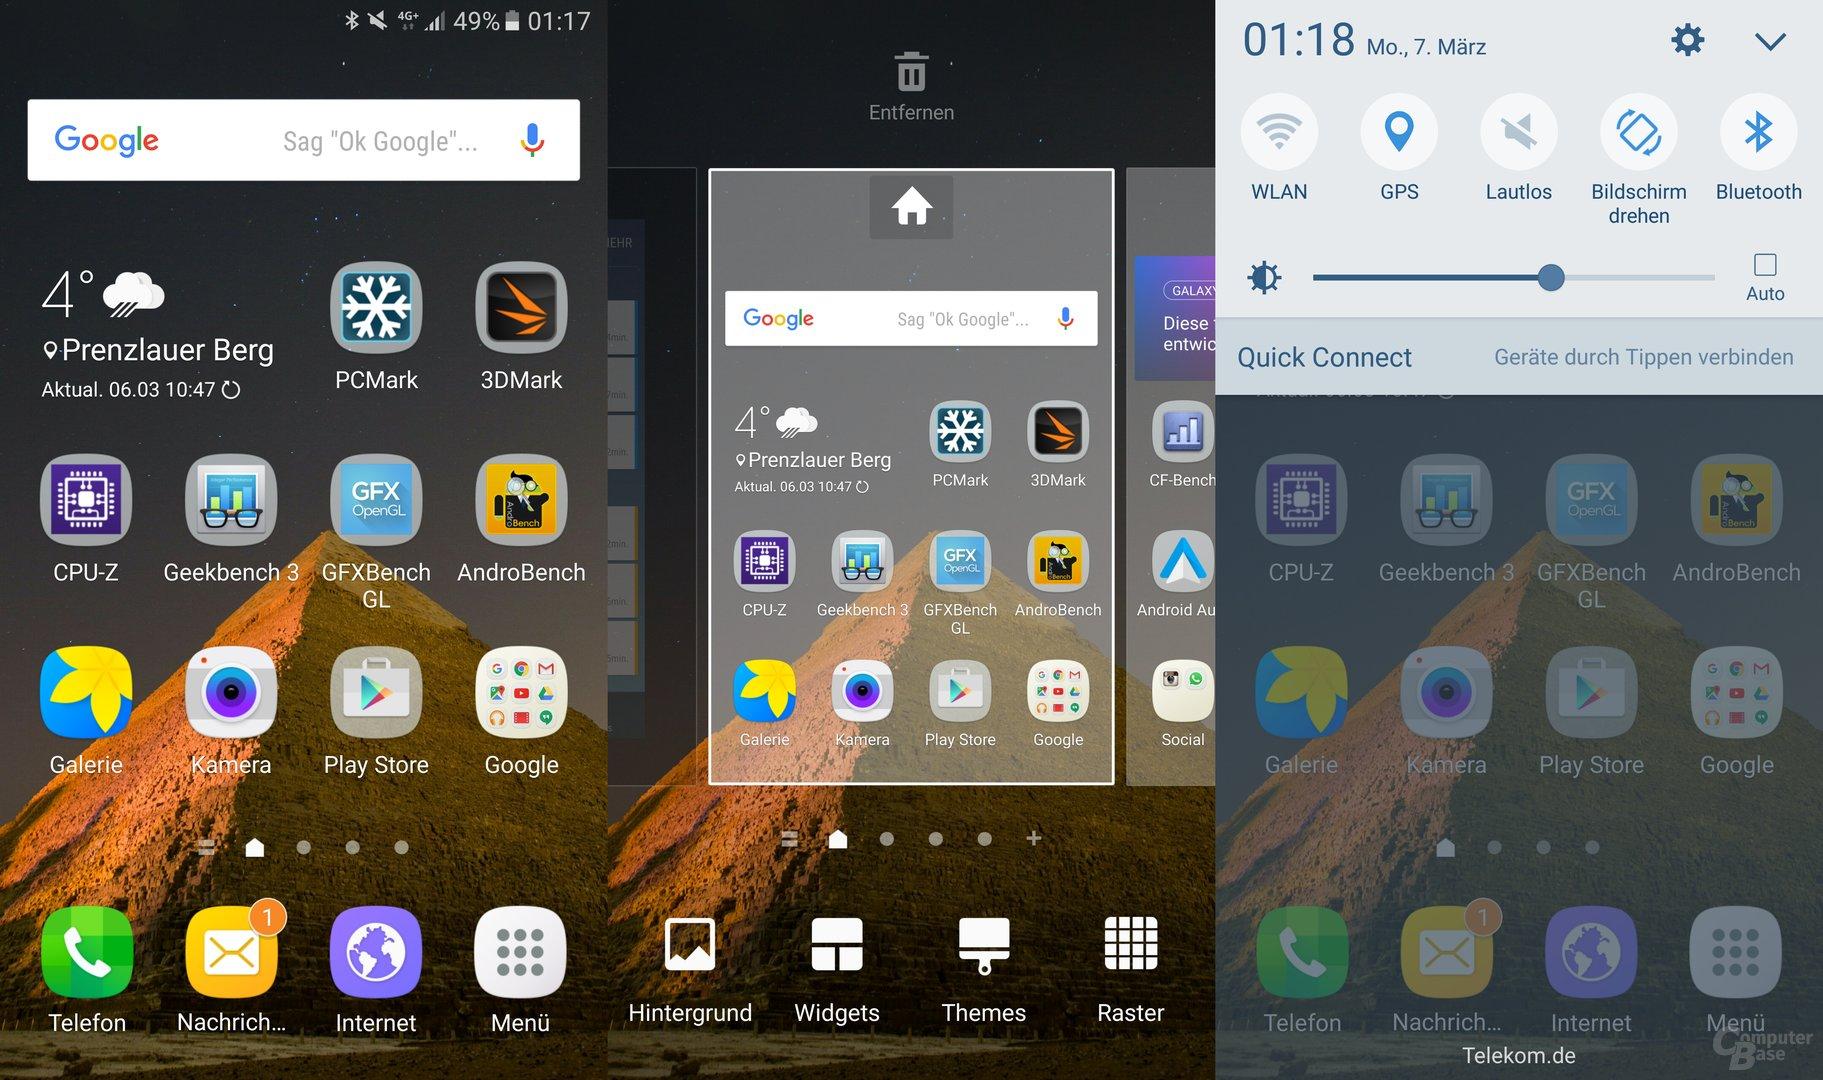 TouchWiz auf dem Galaxy S7